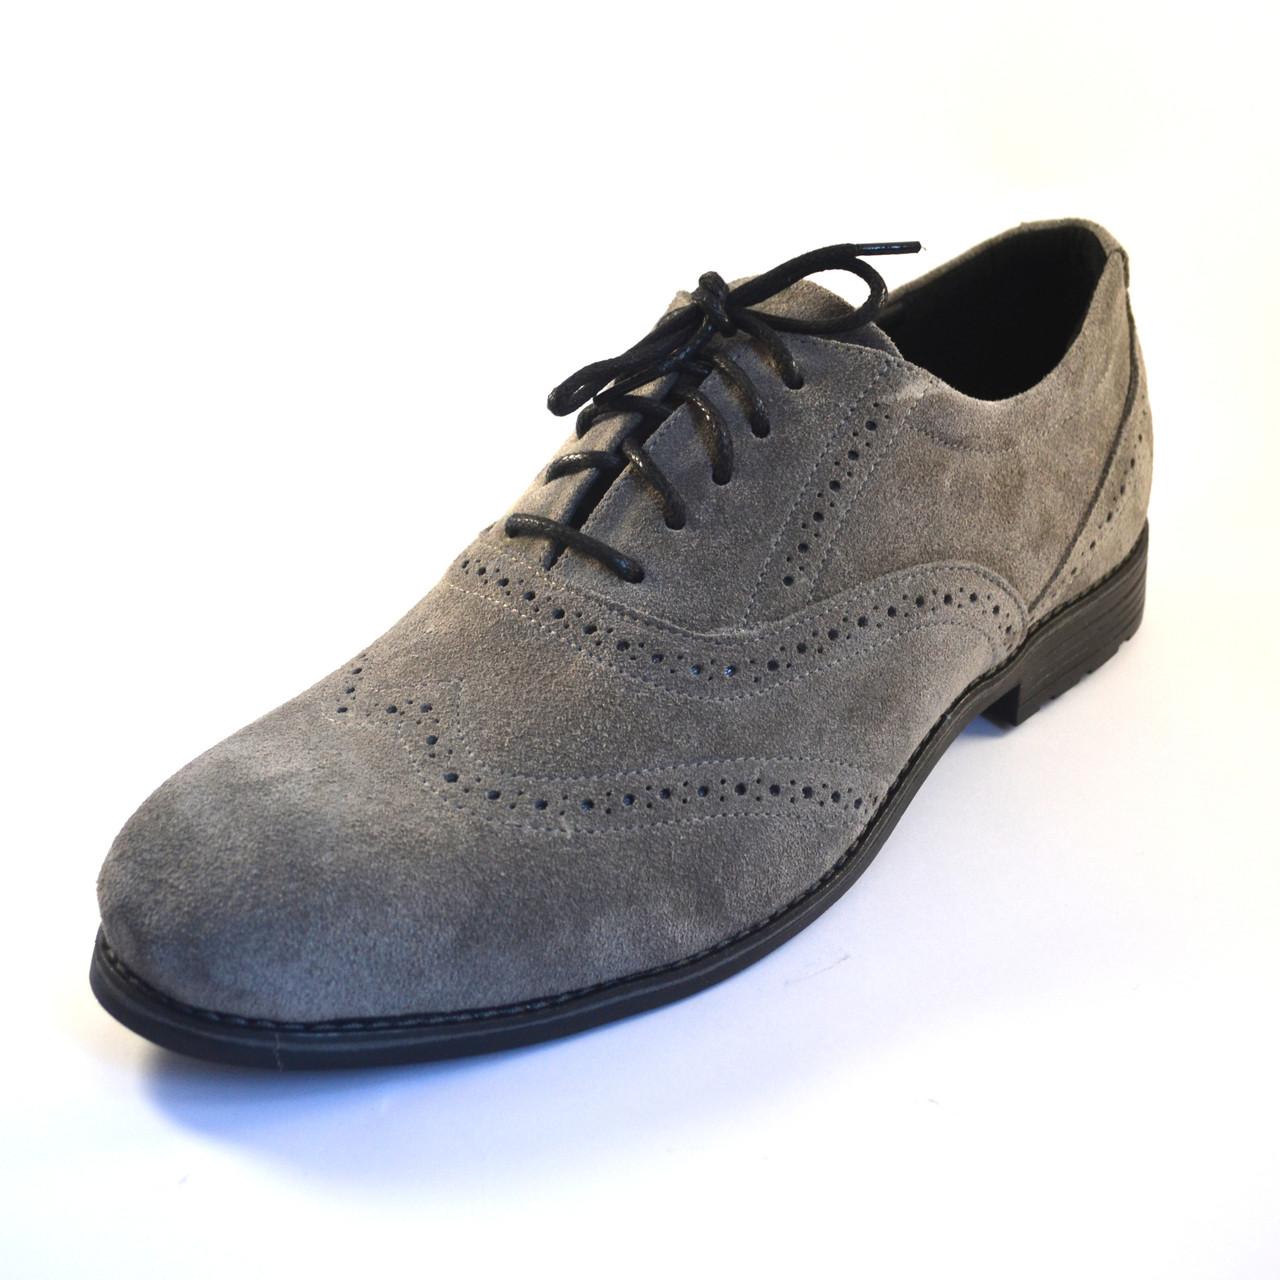 Большой размер туфли броги оксфорды мужские замшевые Rosso Avangard BS Felicete Persona Grey Vel серые